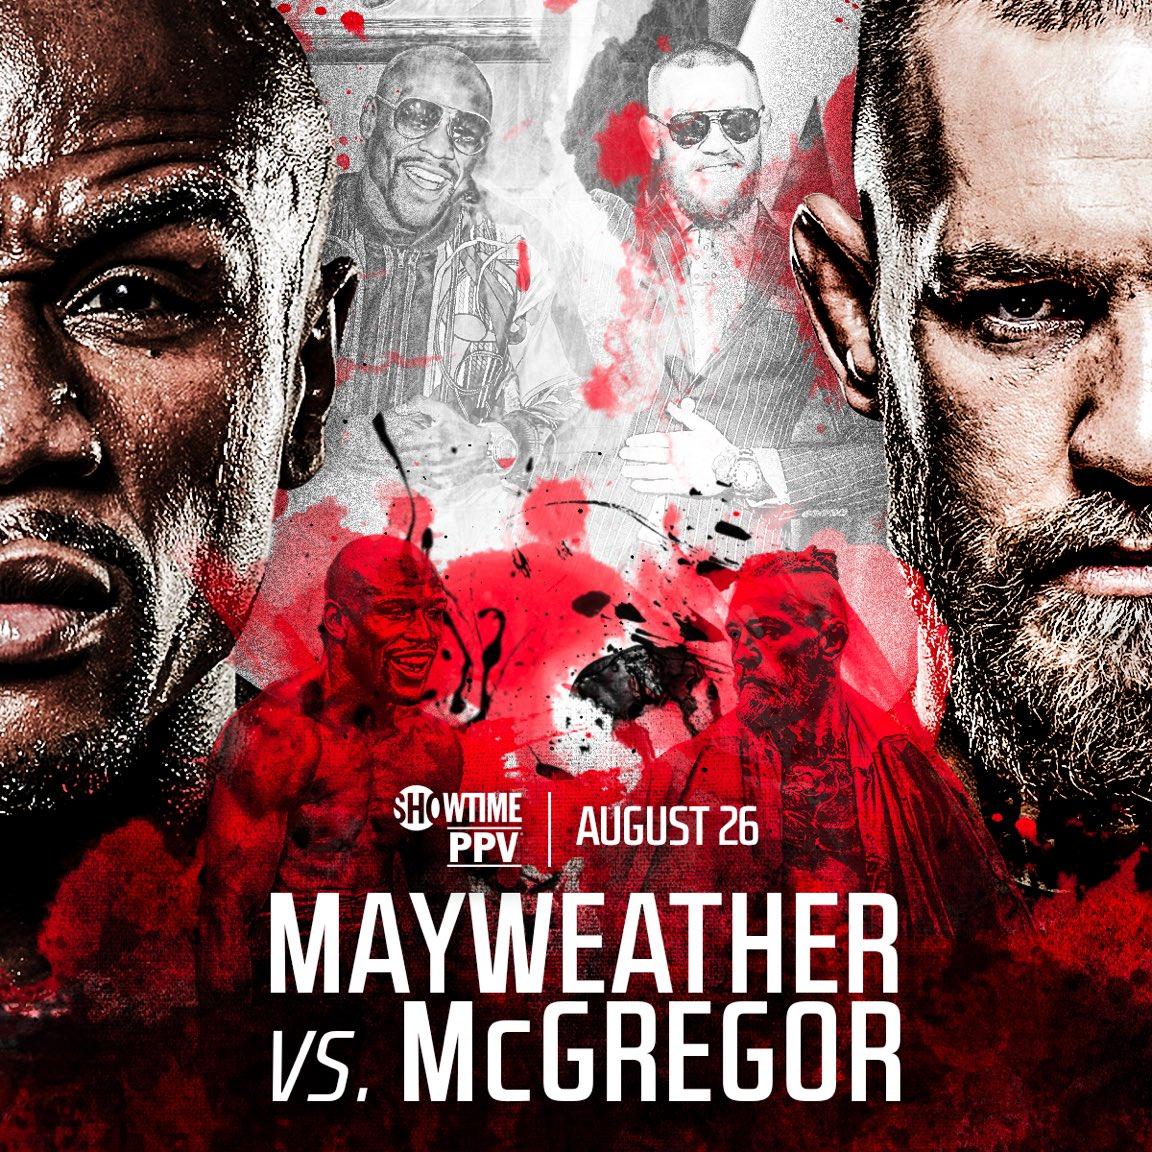 Официальный постер боя Мейвезер - Макгрегор